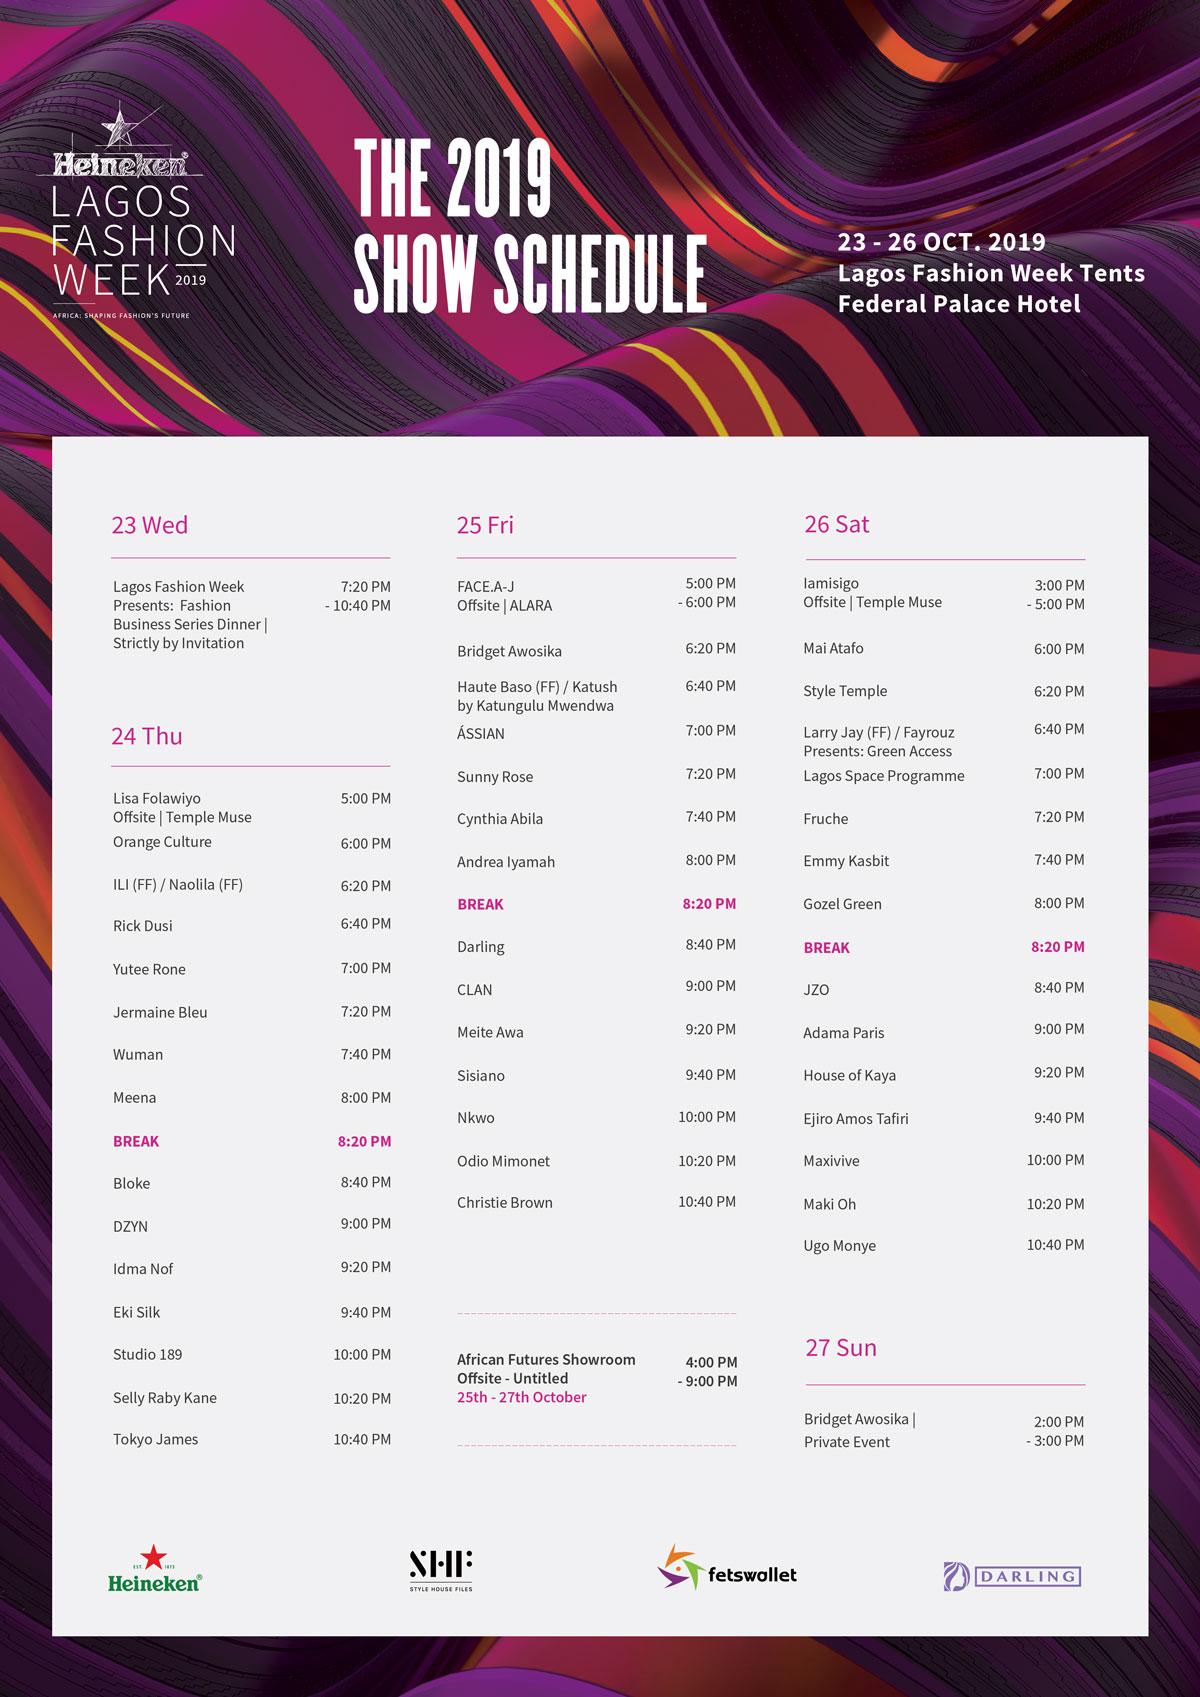 schedule of the 2019 Heineken Lagos Fashion Week